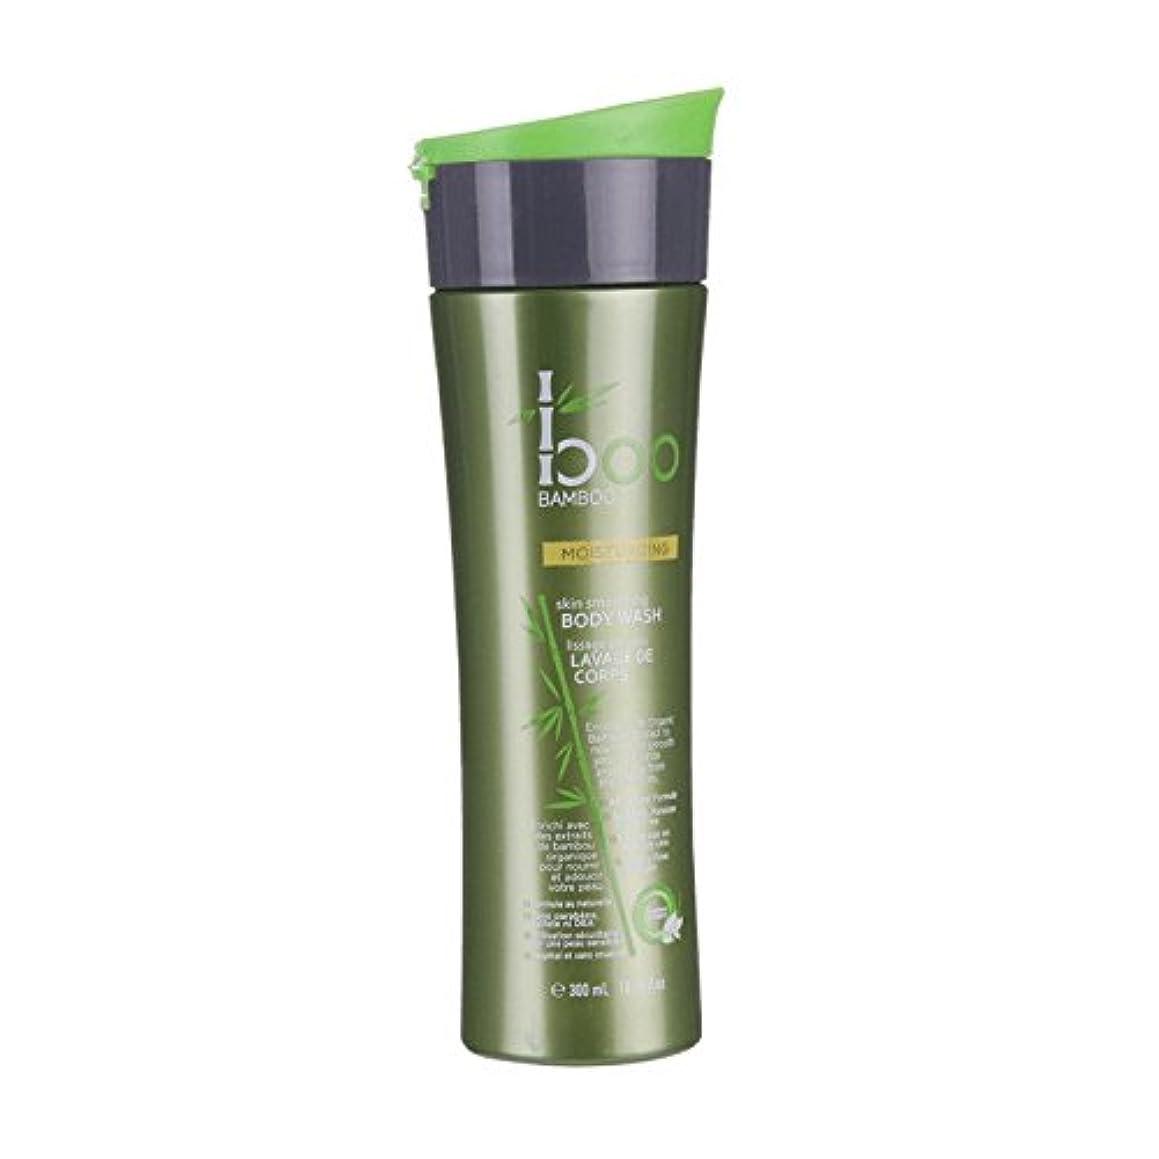 アッティカスシャンプー走るBoo Bamboo Moist Body Wash 300ml (Pack of 2) - 竹しっとりボディウォッシュ300ミリリットルブーイング (x2) [並行輸入品]